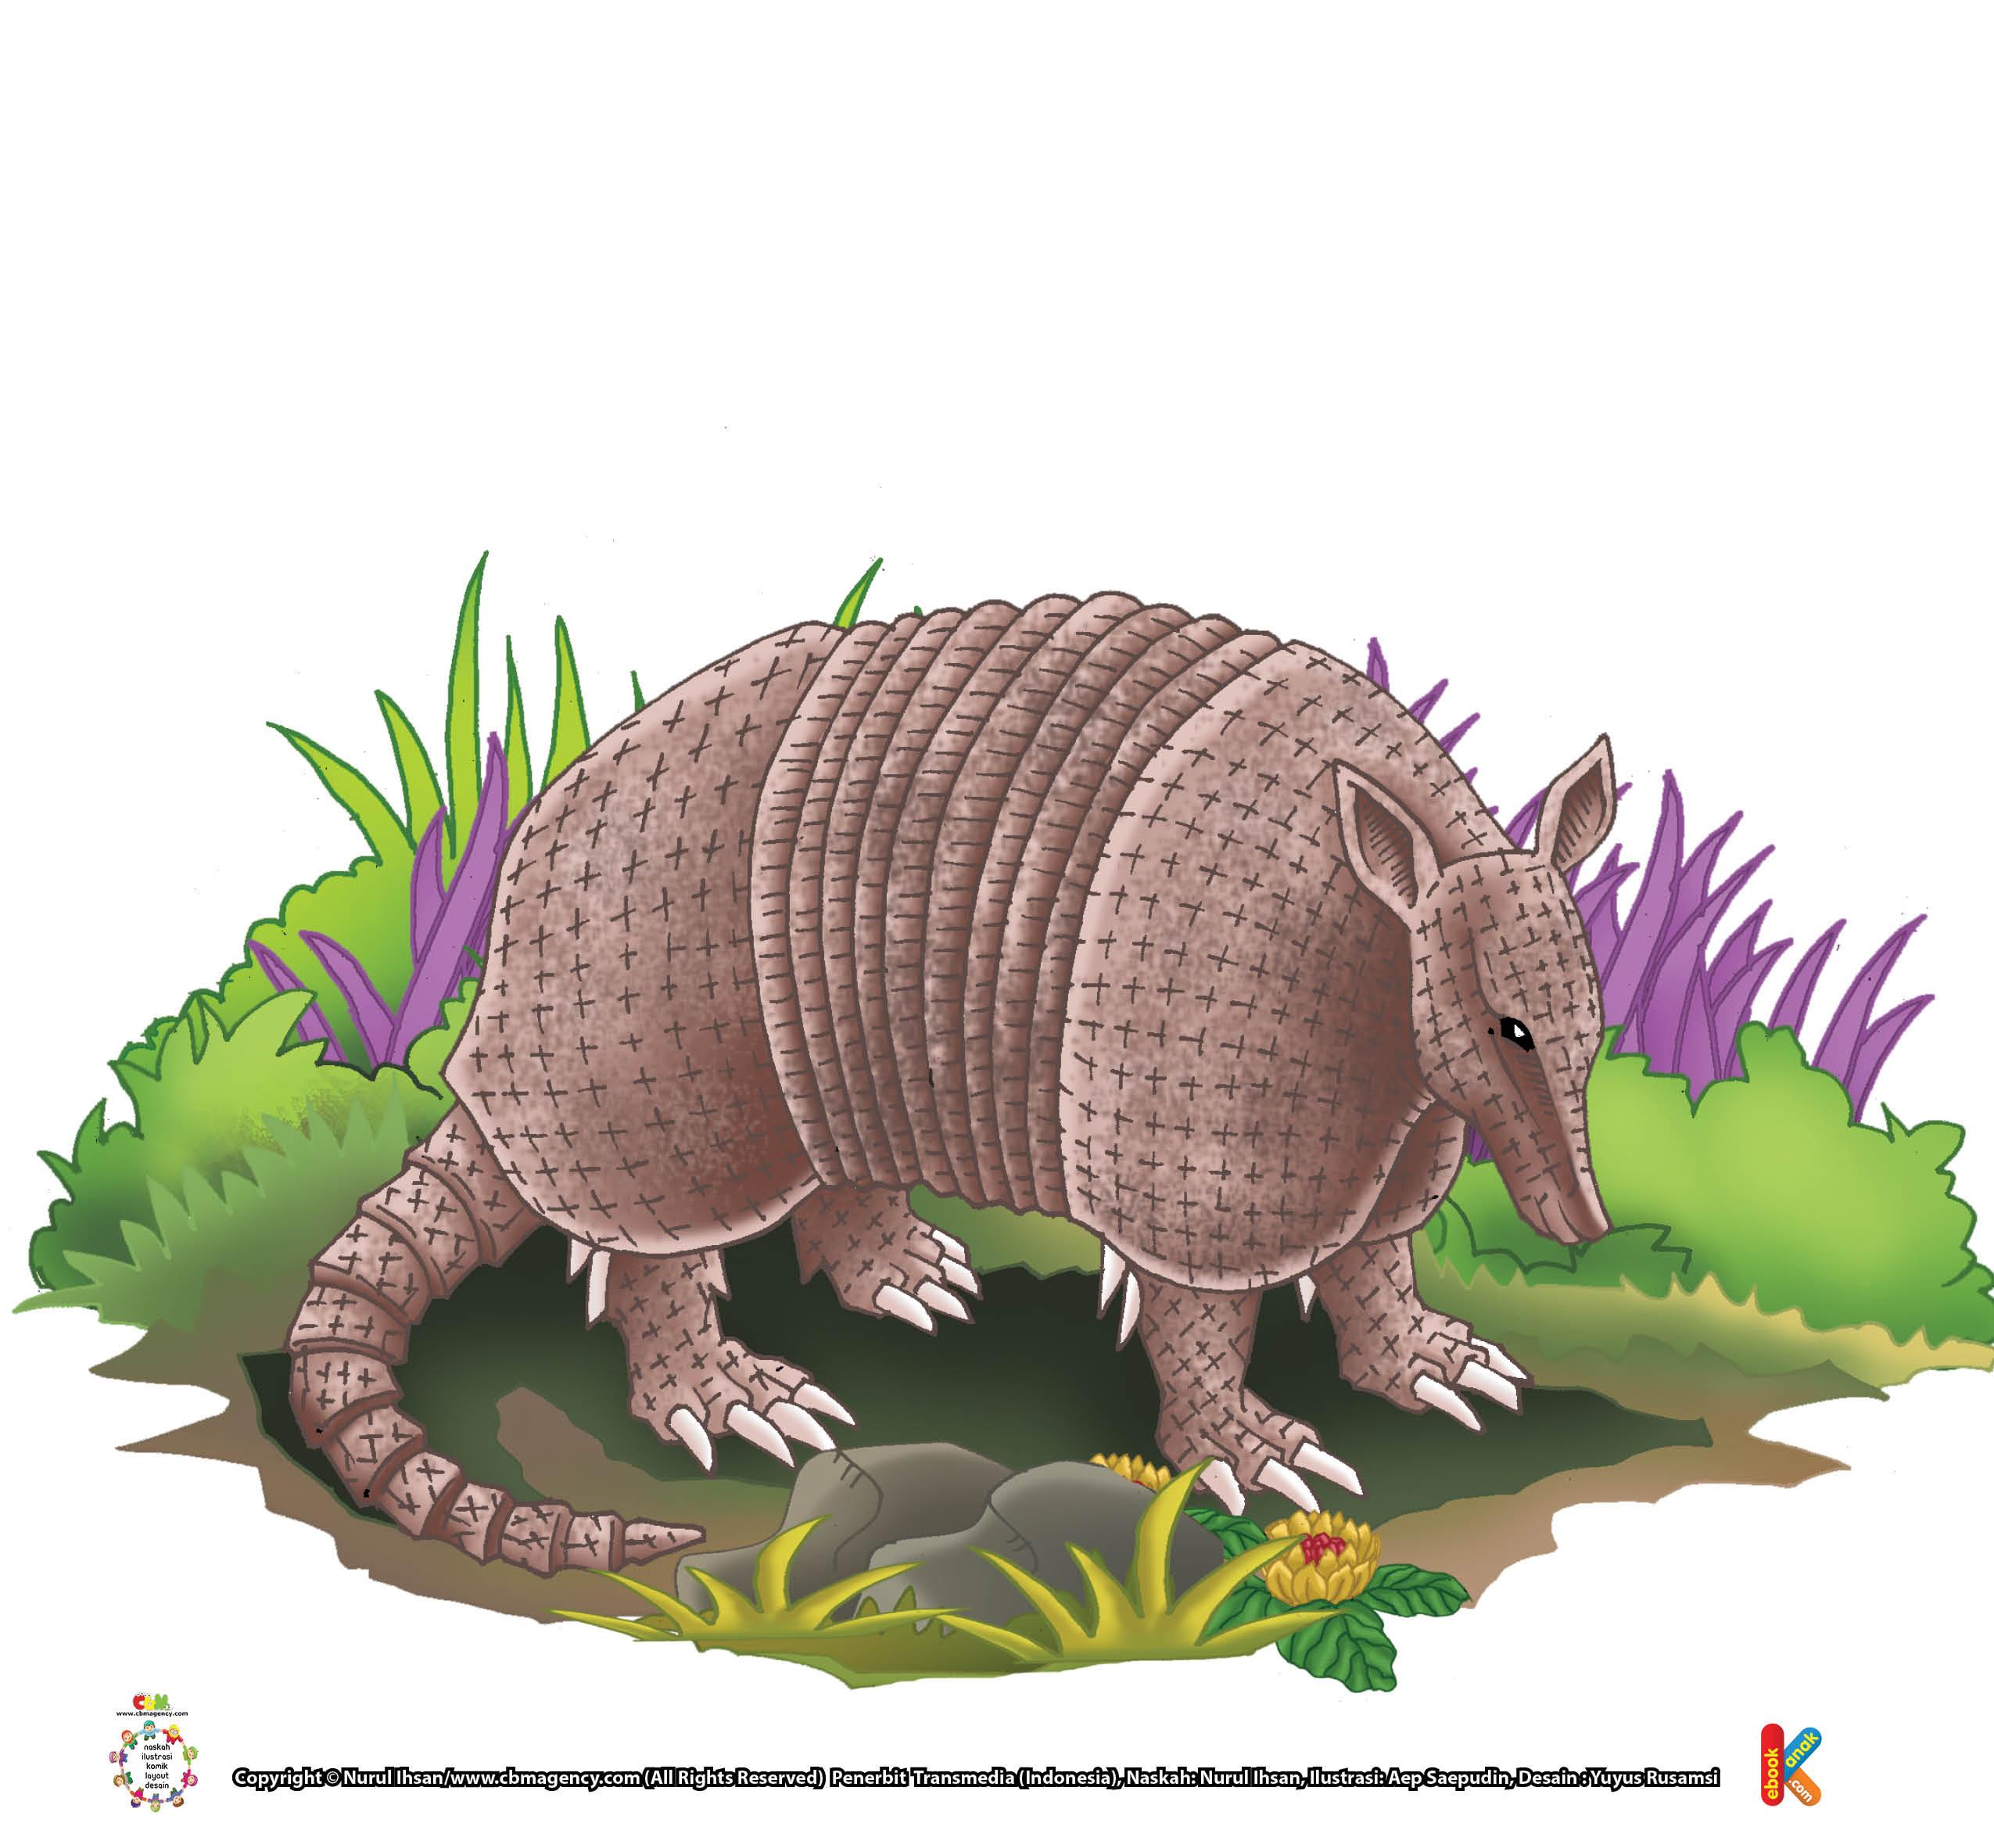 Armadilo adalah satu-satunya hewan mamalia bercangkang, selain trenggiling.